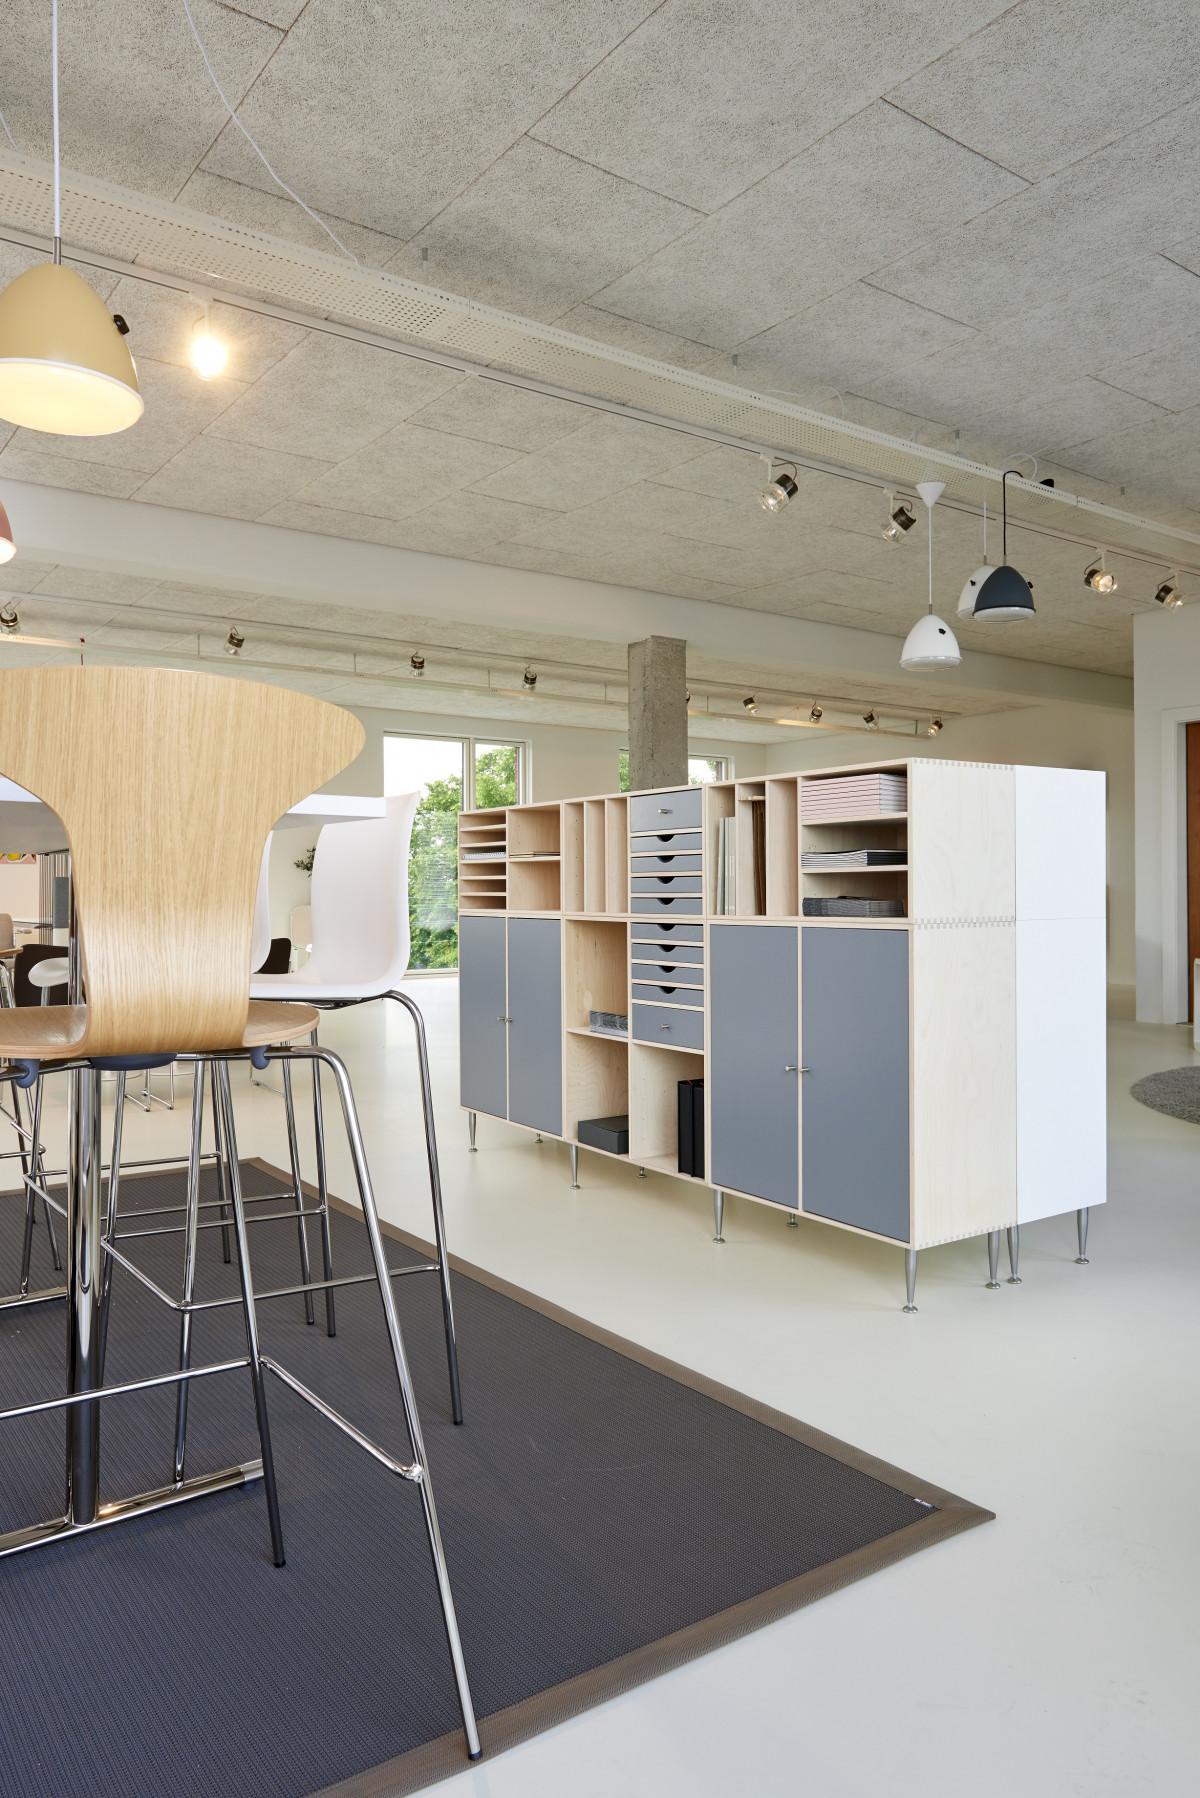 무료 이미지 : 표, 건축물, 목재, 집, 의자, 바닥, 천장, 조직 된 ...